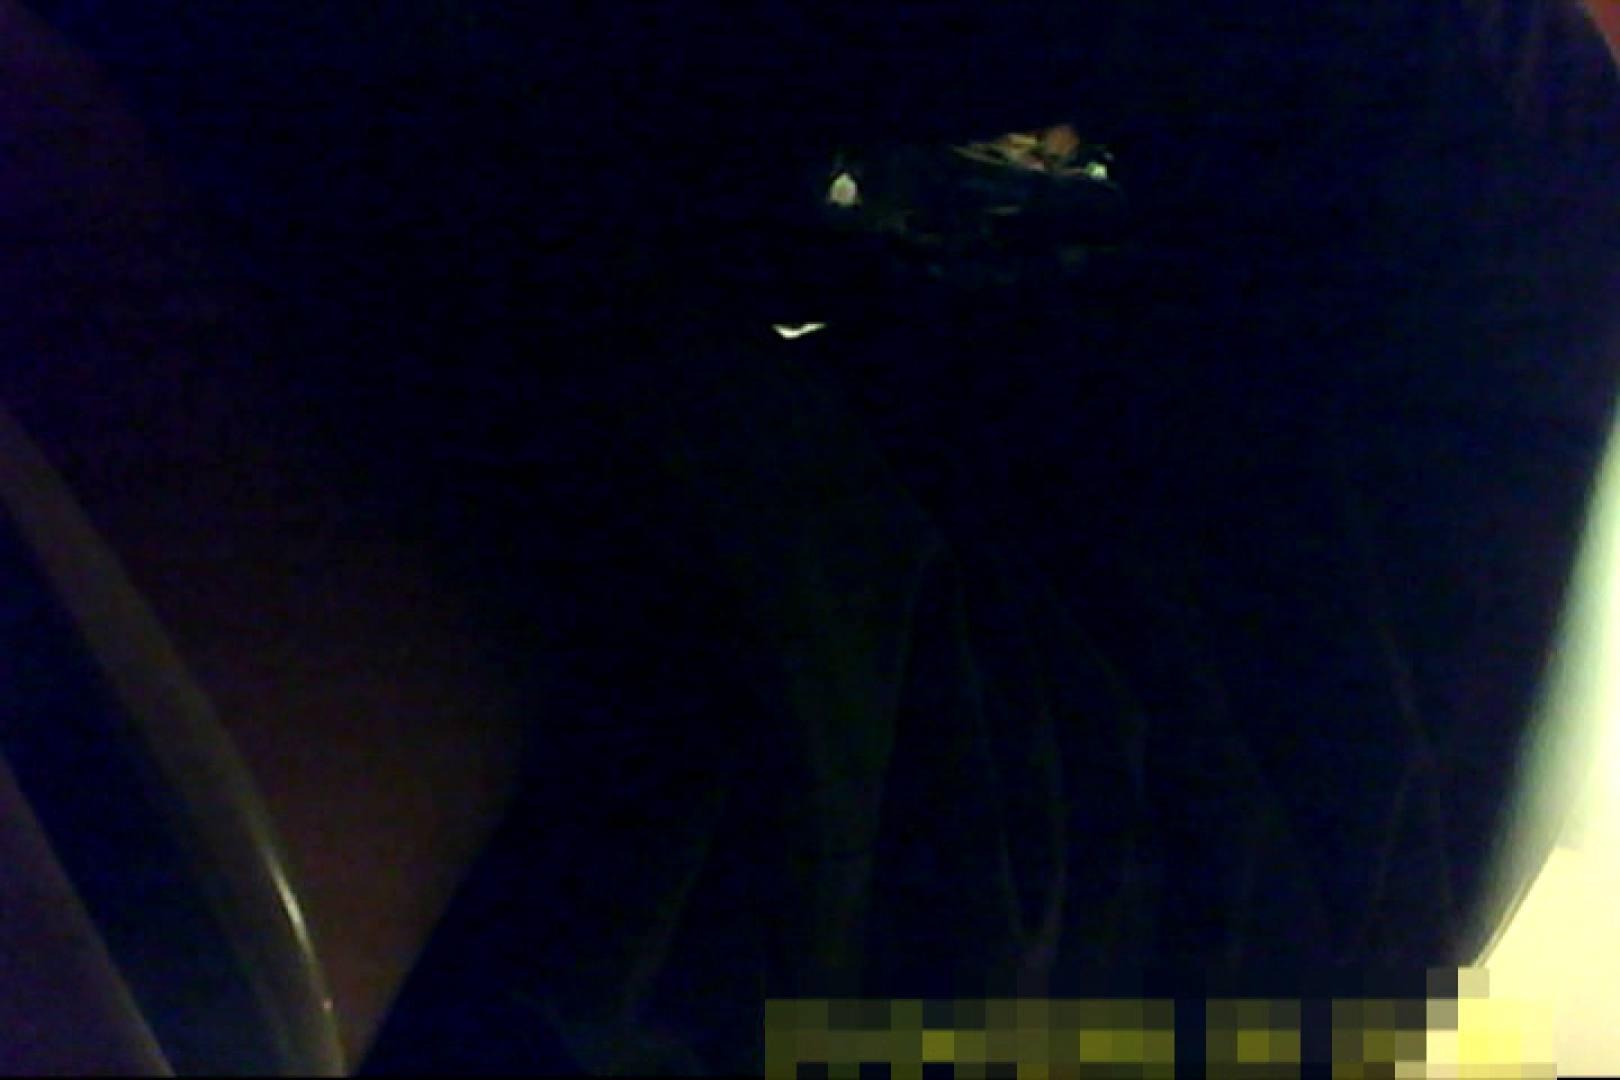 魅惑の化粧室~禁断のプライベート空間~31 盗撮  89pic 4